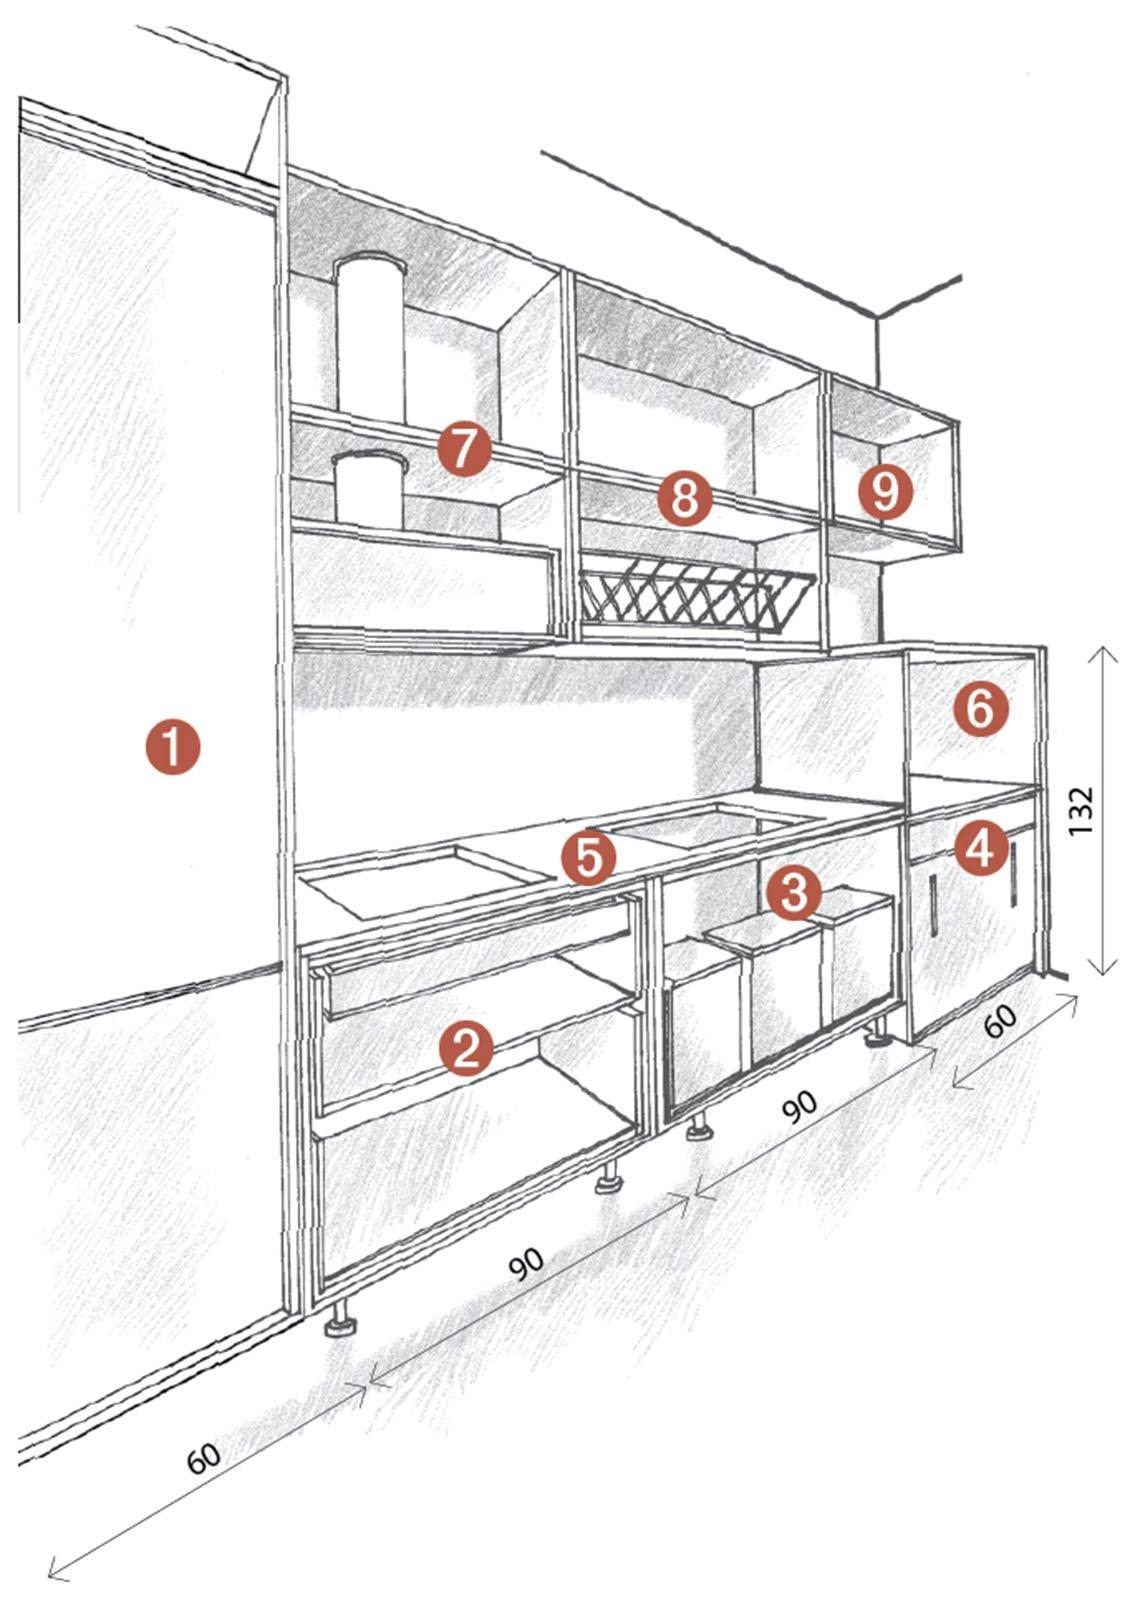 Misure Standard Top Cucina cucina concentrata in 3 metri. 2 progetti con render - cose